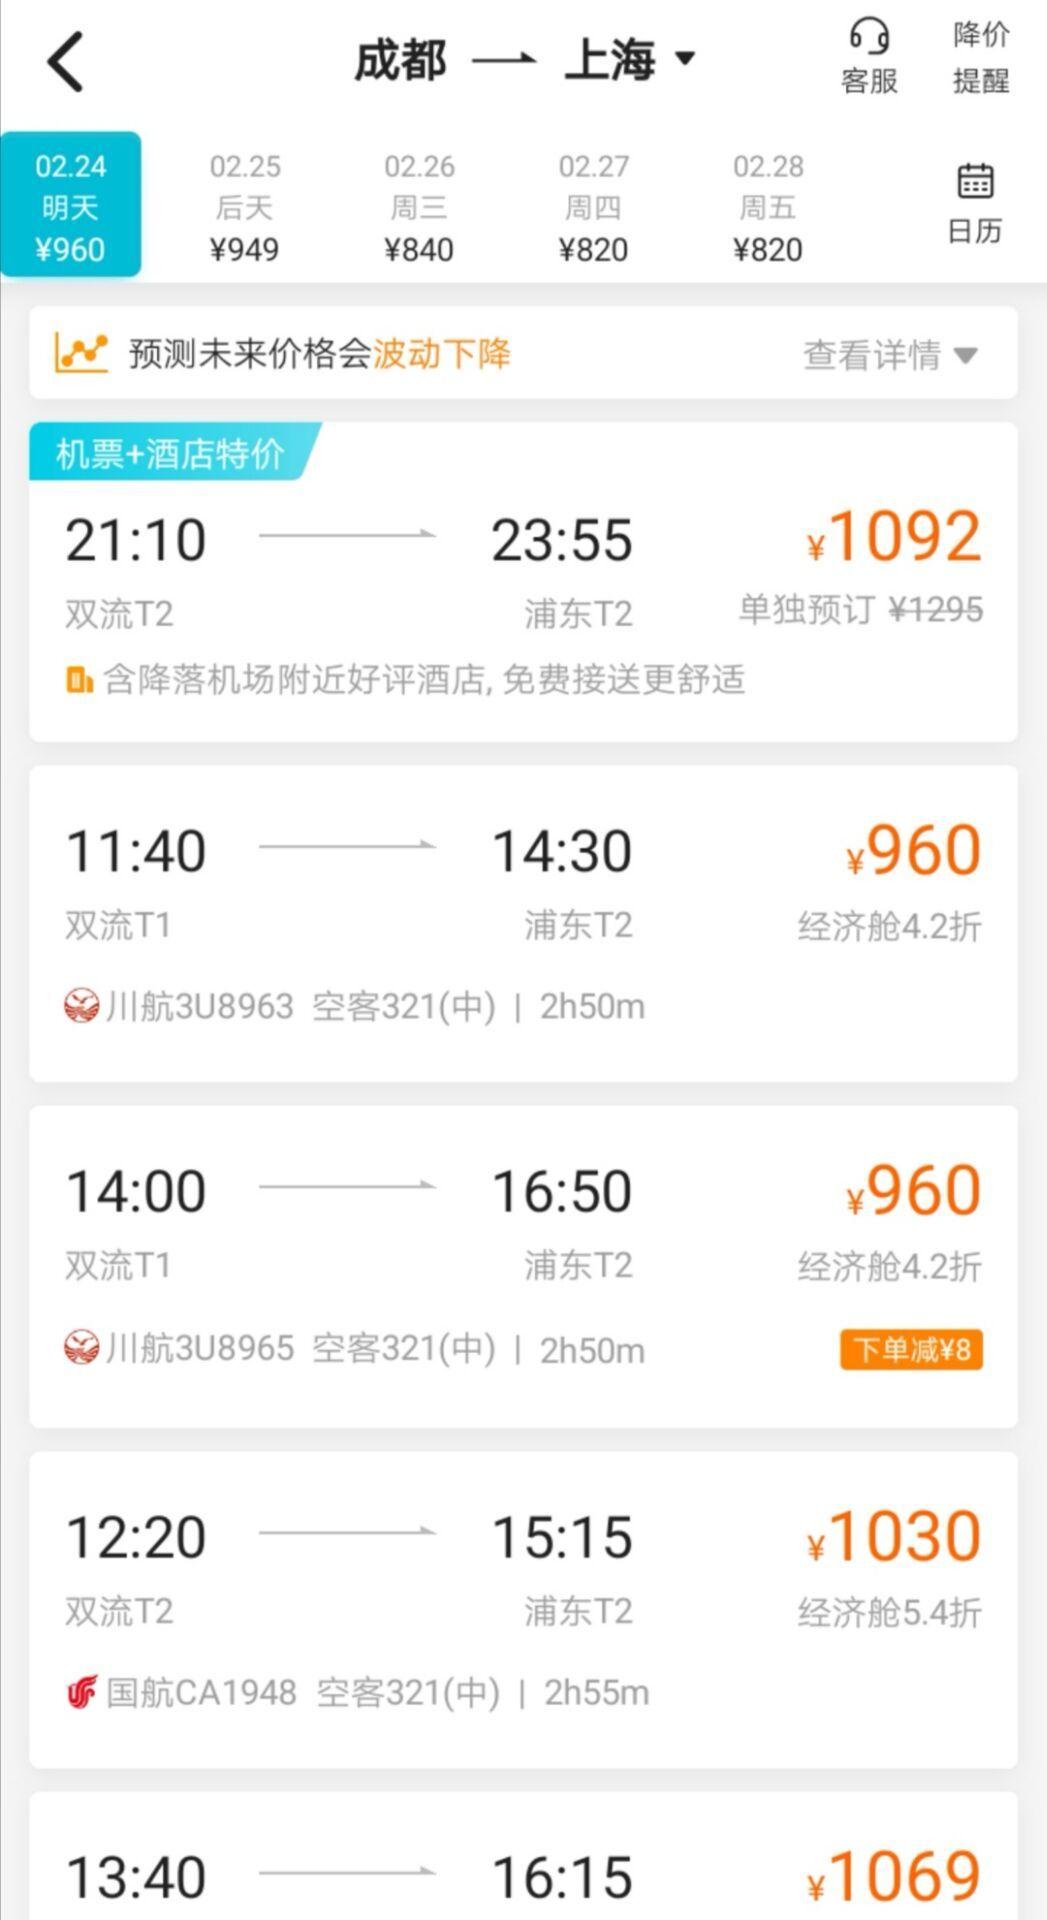 2月24日成都至上海的机票价格在千元左右 图片来源:去哪儿旅行App截图